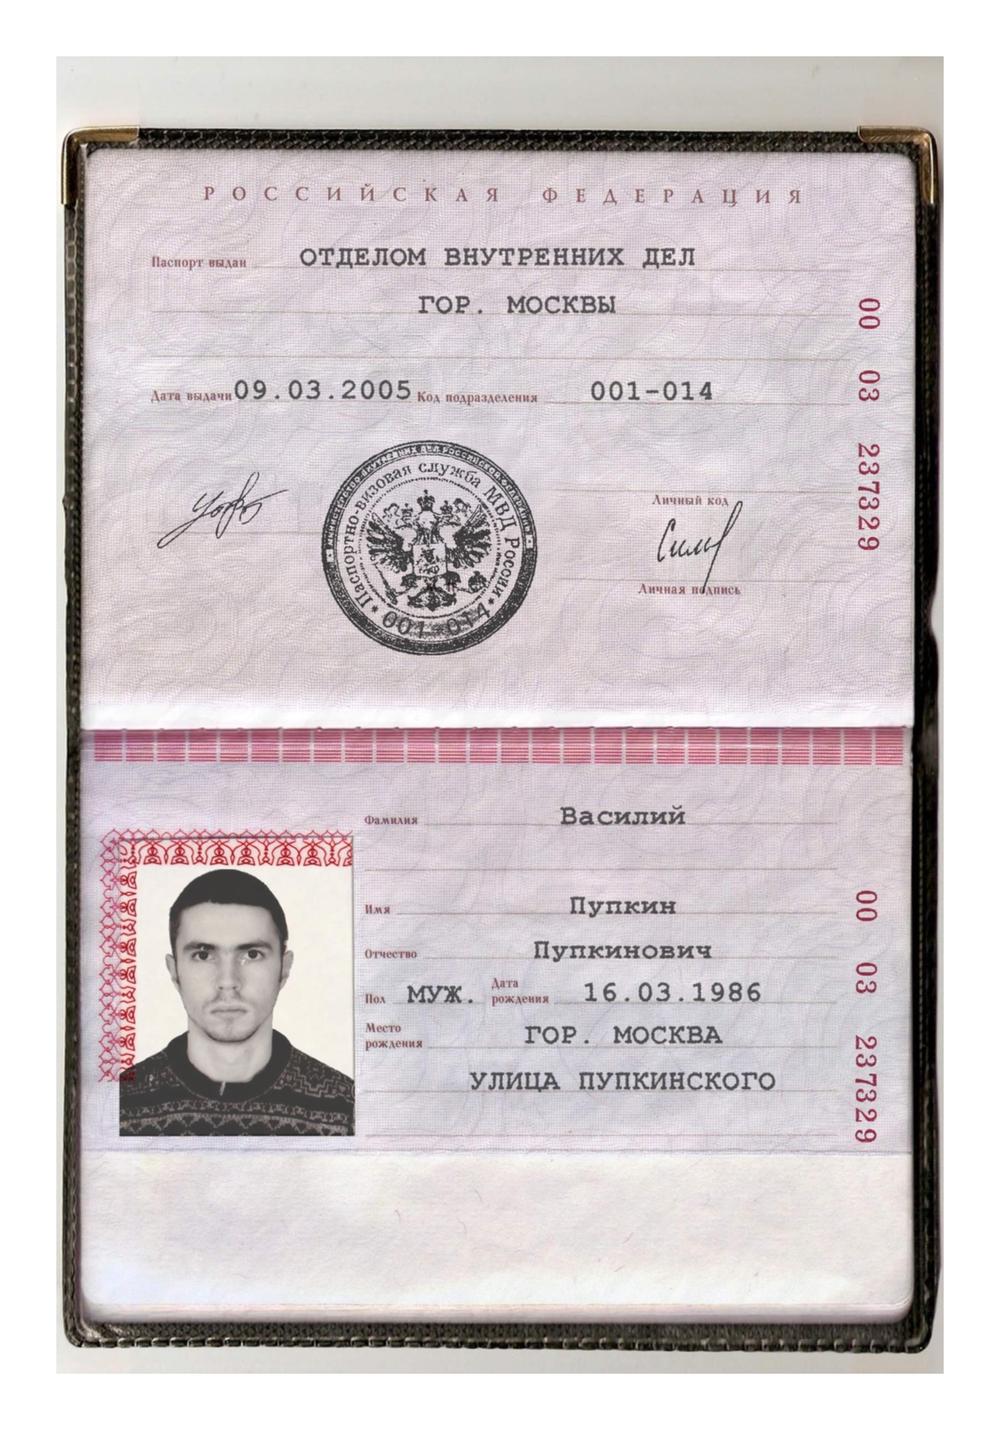 Как сделать скан копию паспорта 5